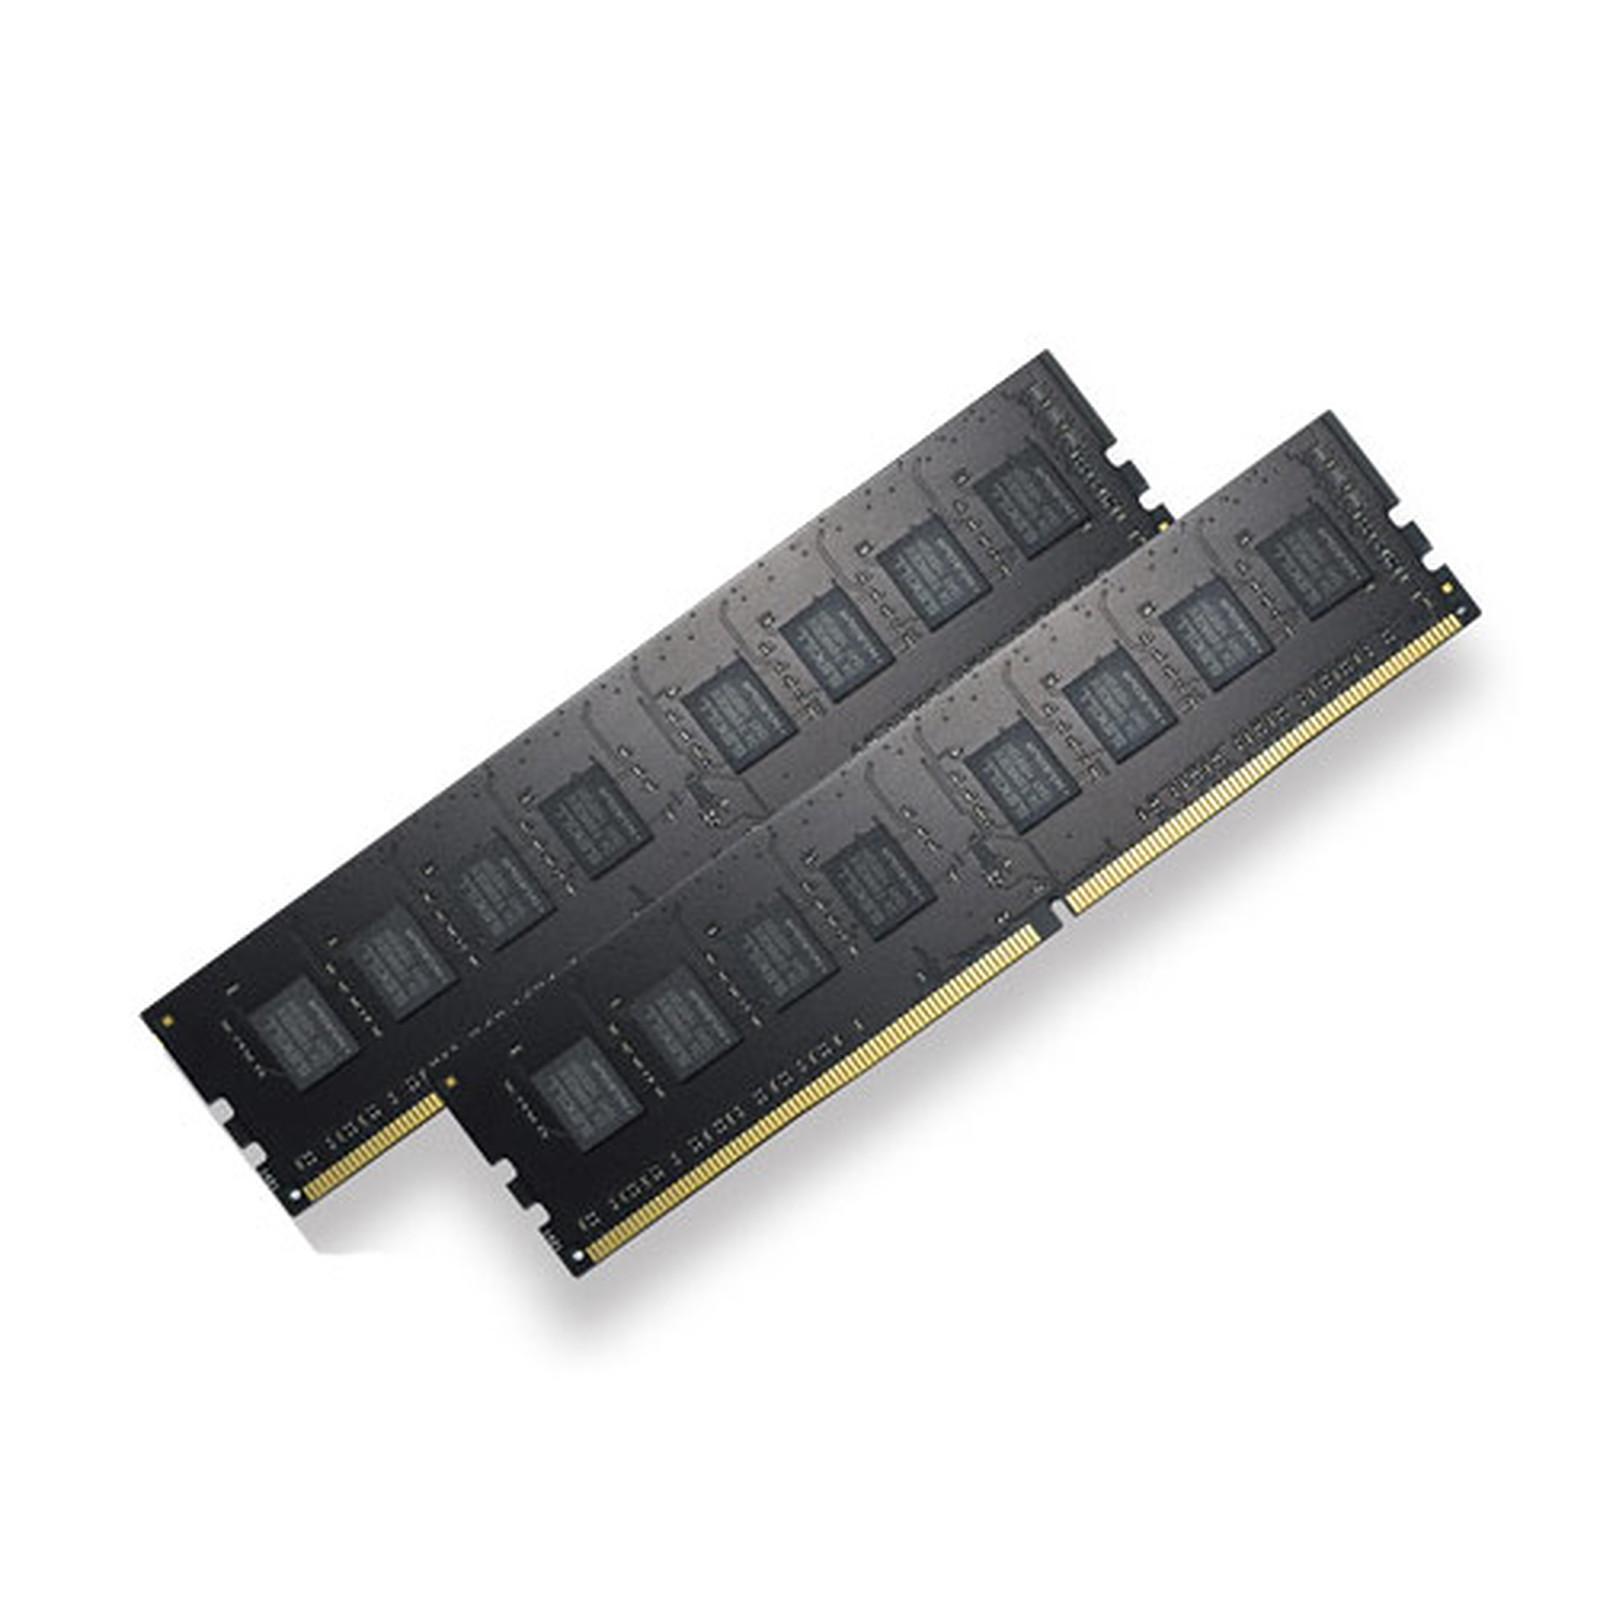 G.Skill RipJaws 4 Series 8 Go (2x 4 Go) DDR4 2400 MHz CL15